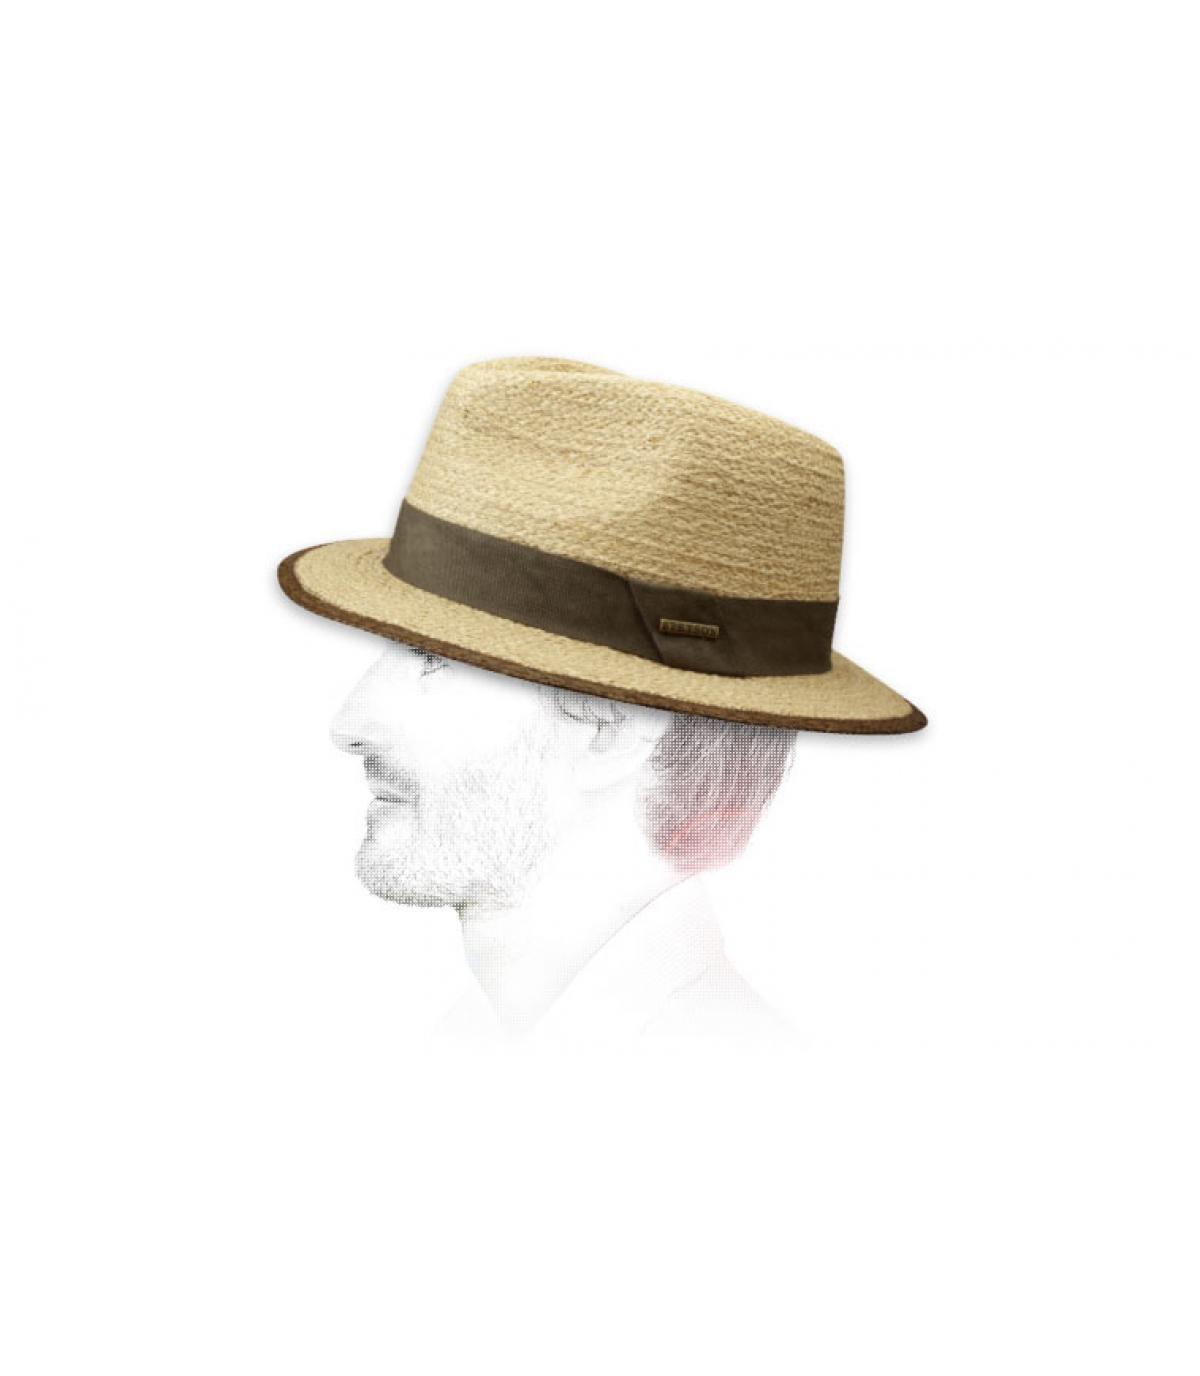 Détails Chapeau Merriam raffia - image 3